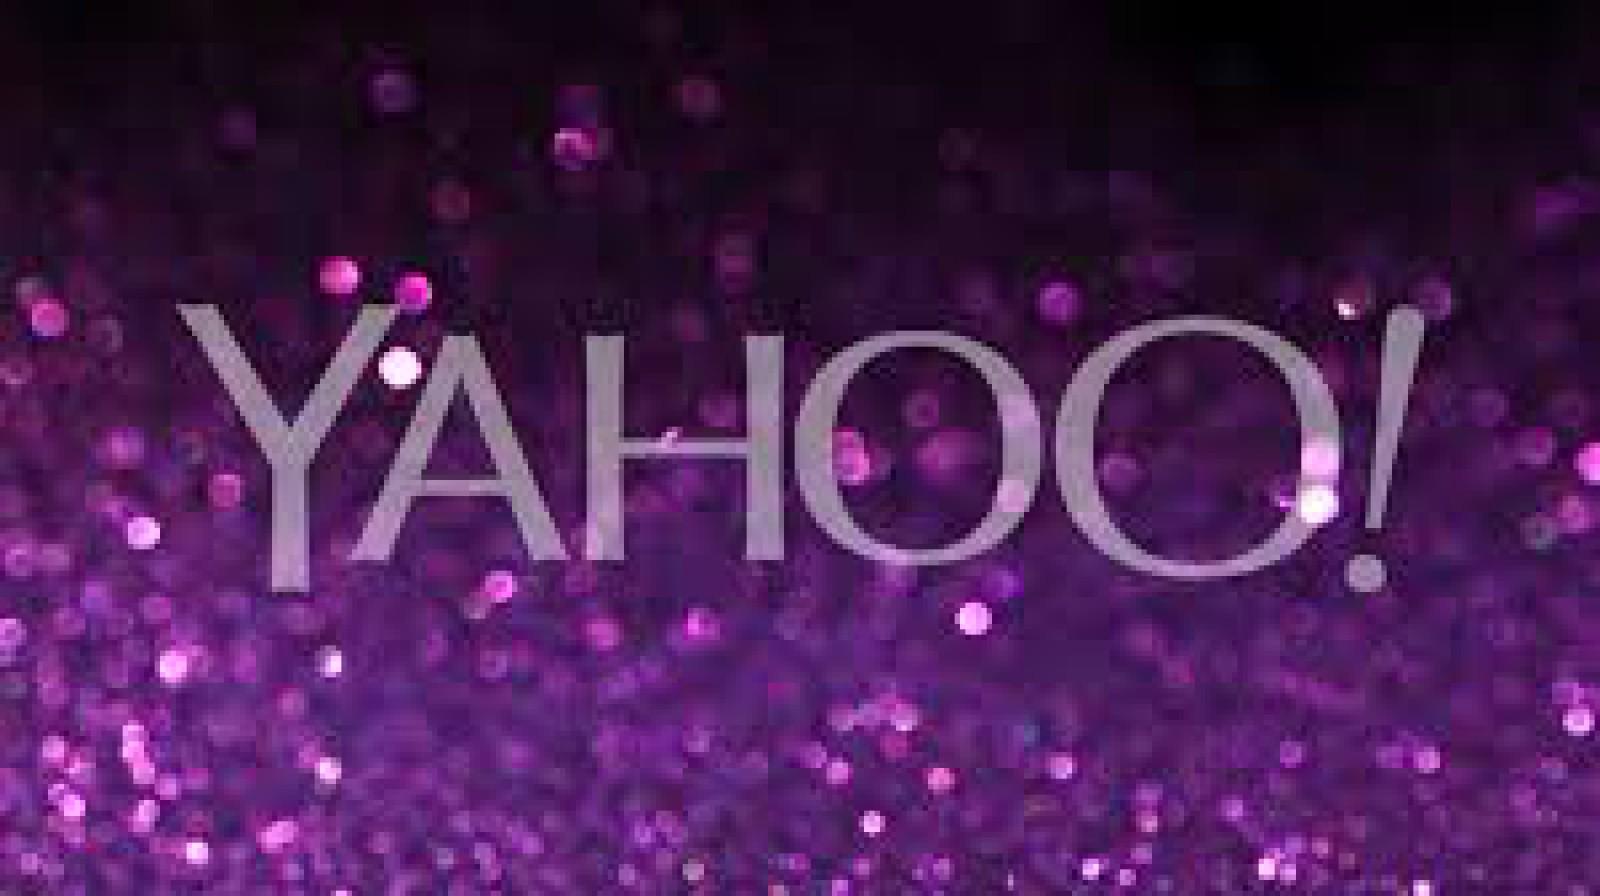 Serviciul de mesagerie instant Yahoo Messenger va fi închis la 17 iulie